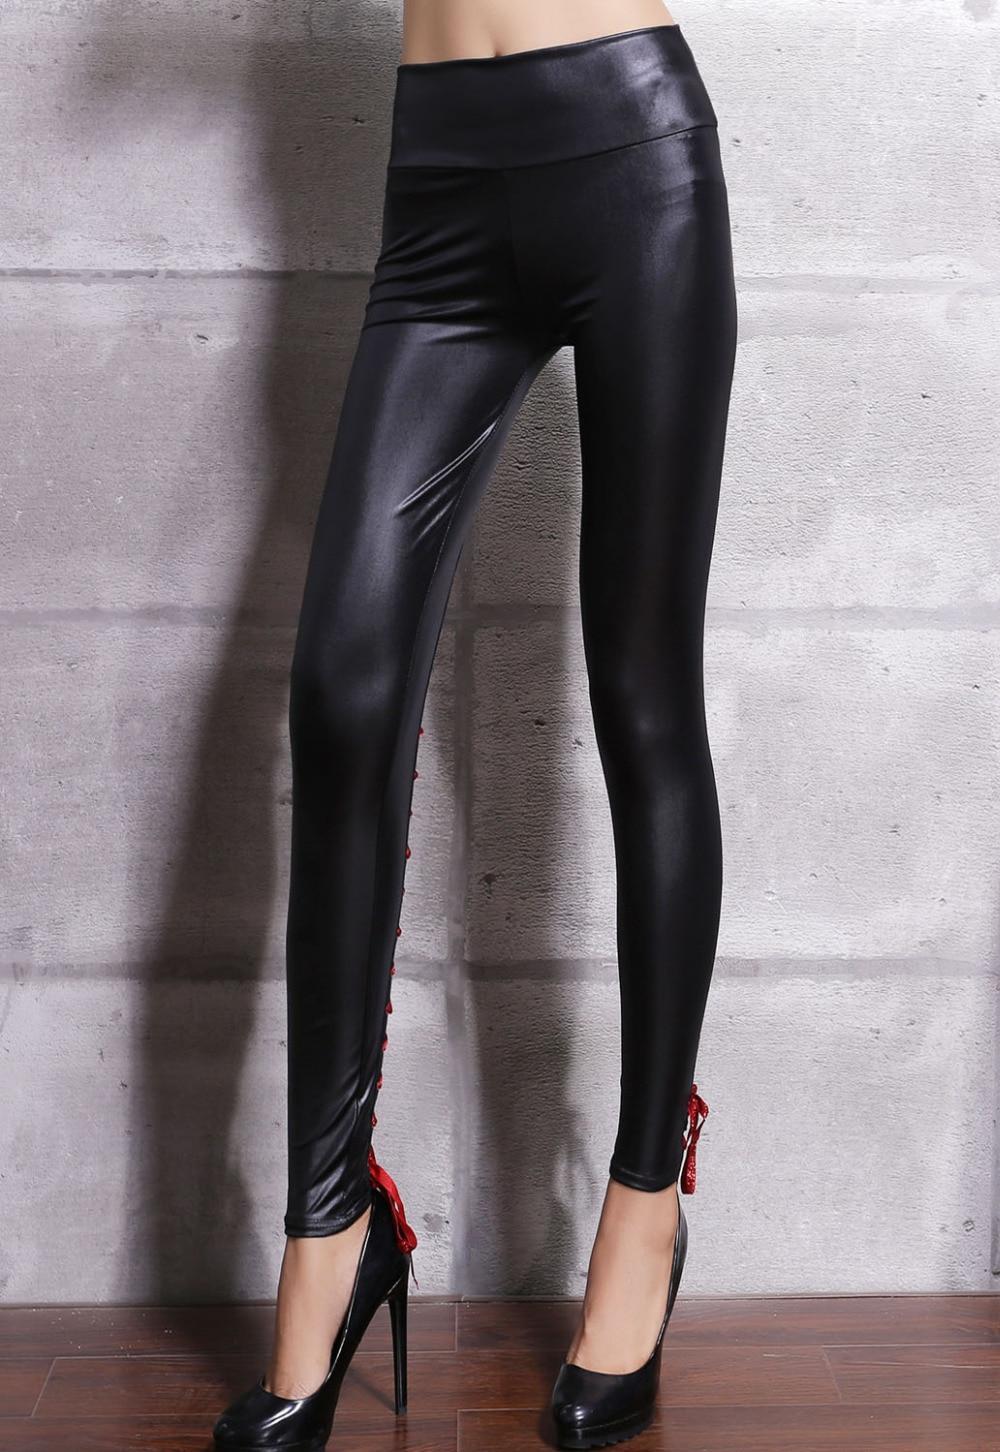 Eno usne izpuščene nogavice iz umetnega usnja, rdeče / črne / - Ženska oblačila - Fotografija 4